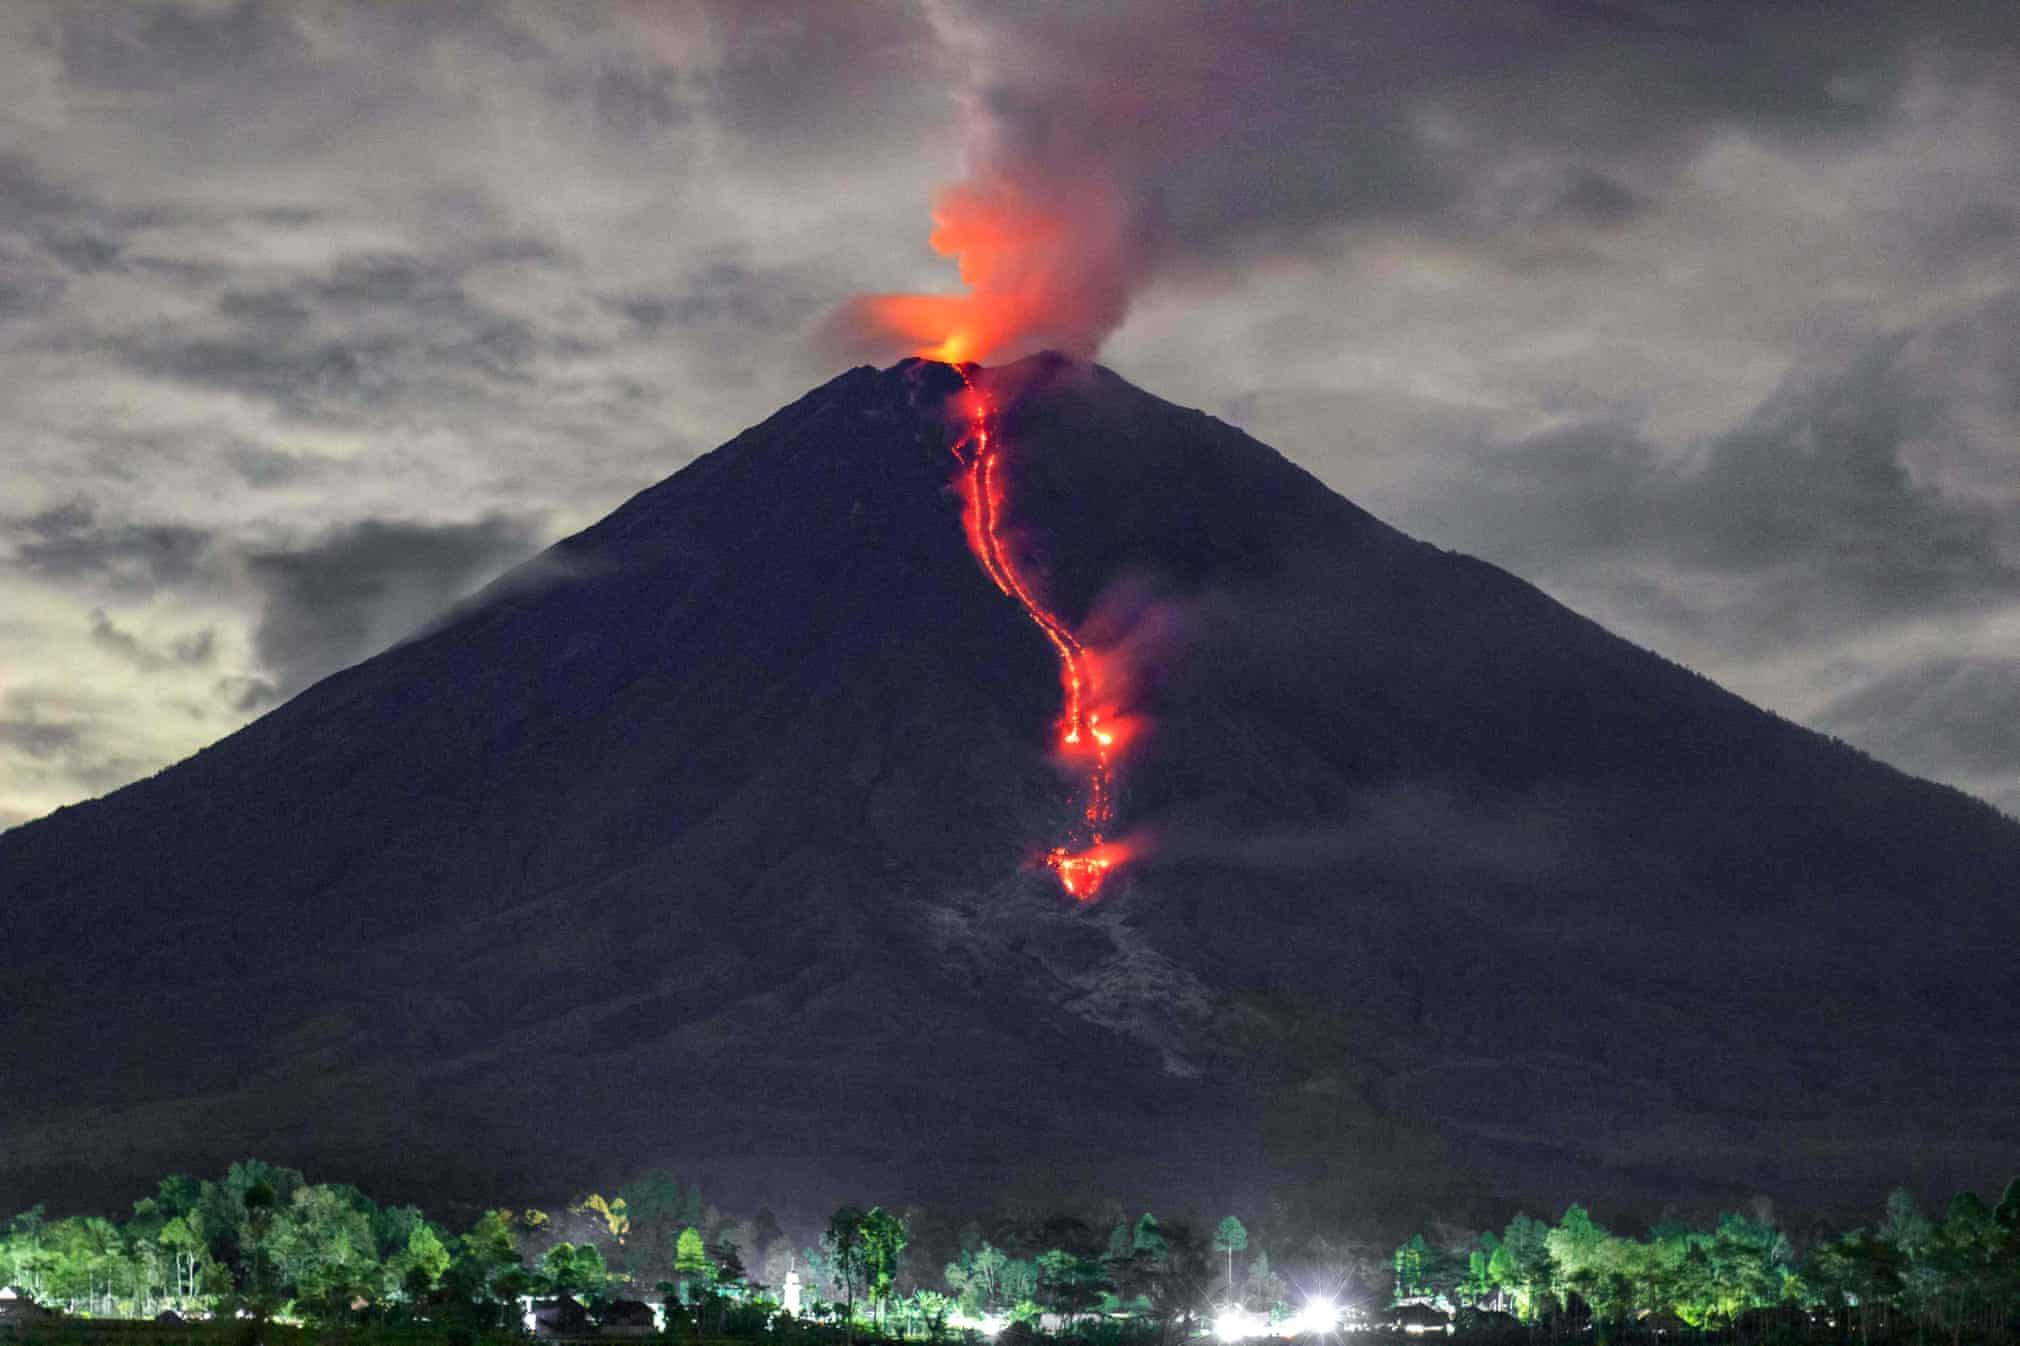 تصویری خاص از جاری شدن گدازه های سرخ رنگ کوه آتشفشانی